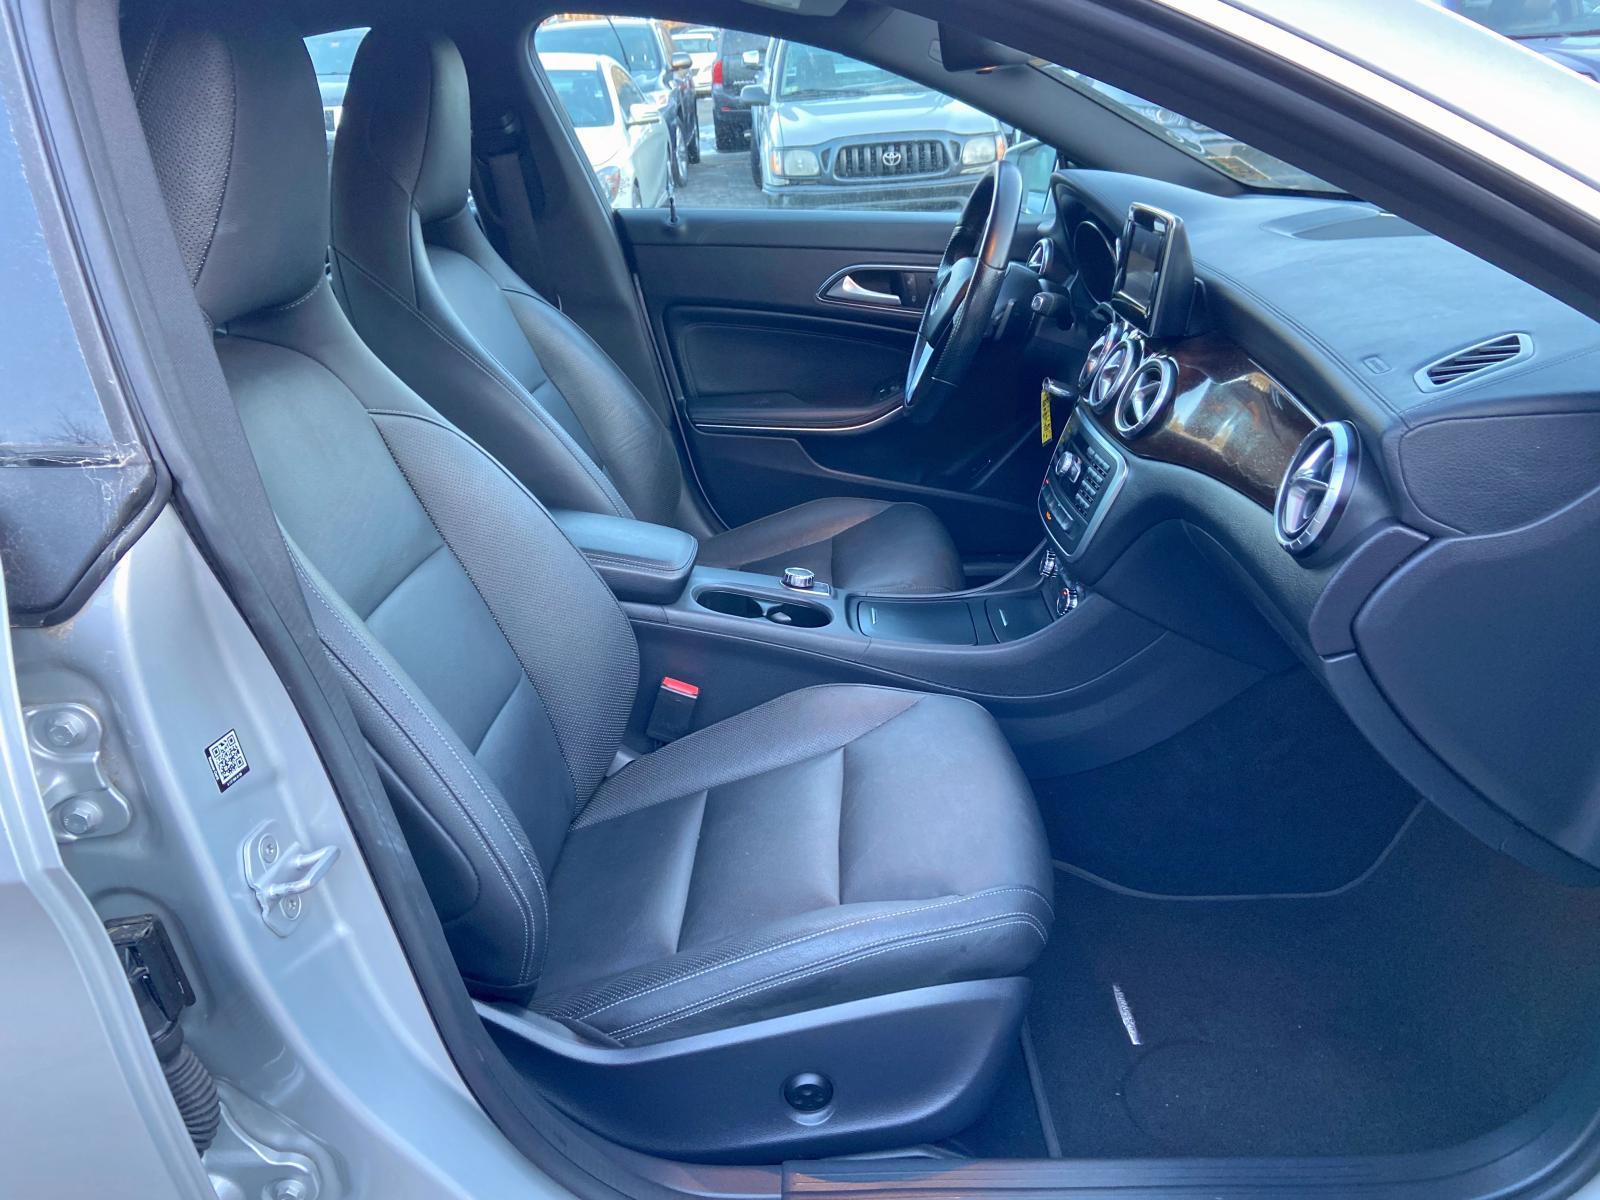 WDDSJ4EB9EN060365 - 2014 Mercedes-Benz Cla 250 2.0L close up View